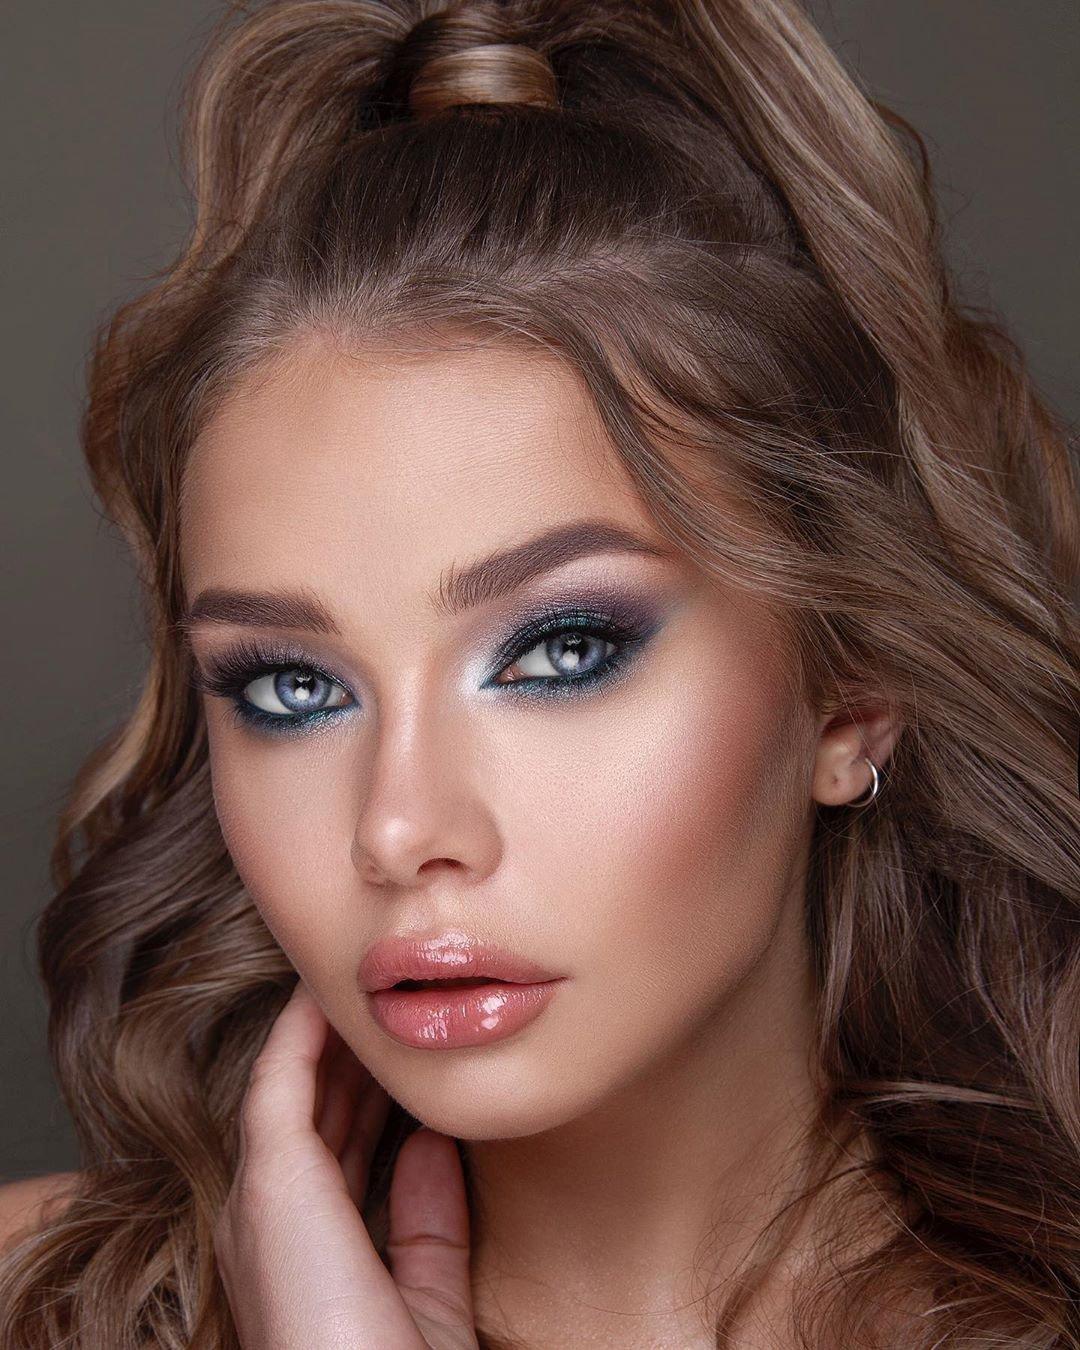 مكياج عيون باللون الأزرق الفاتح(الصورة من حساب خبيرة المكياج فاليريا على إنستغرام)